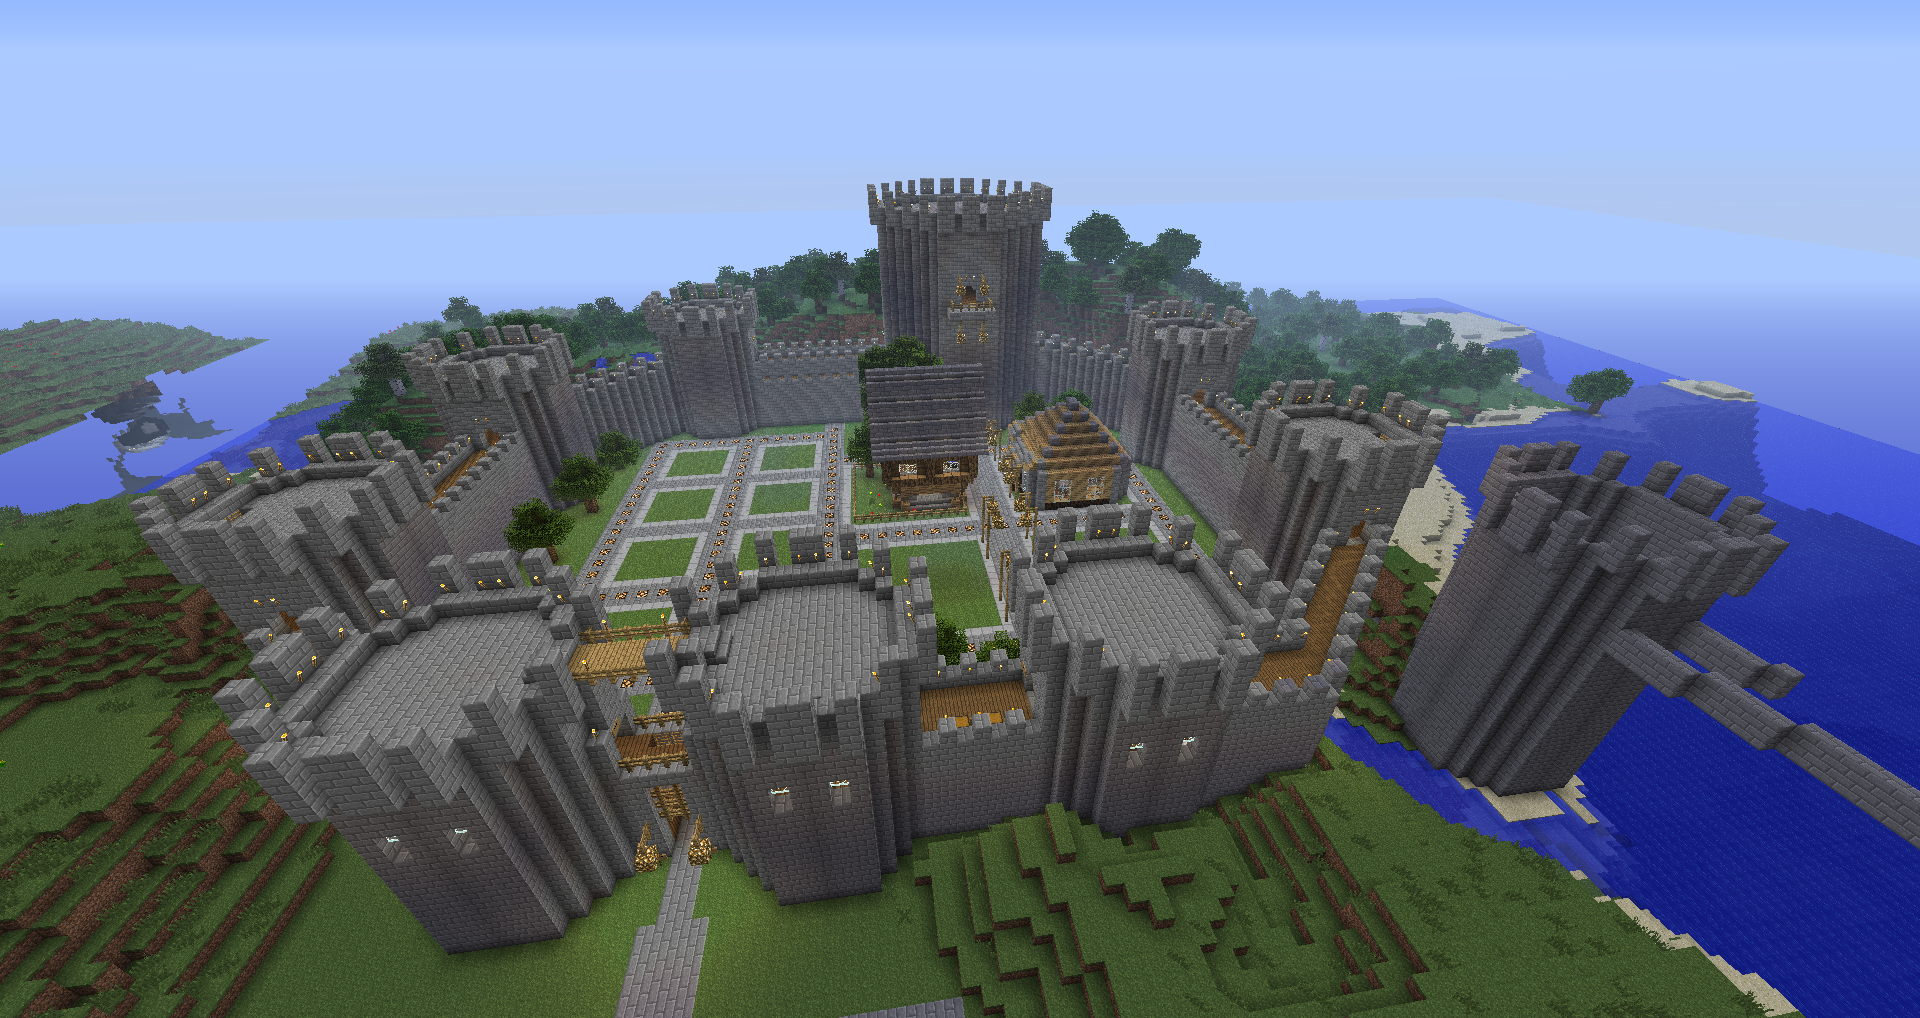 Comment construire un palace dans Minecraft. Disposer de son propre palais ou manoir dans Minecraft est un véritable accomplissement, mais cela demande beaucoup de temps et d'investissement. Suivez ce guide pour apprendre comment ...